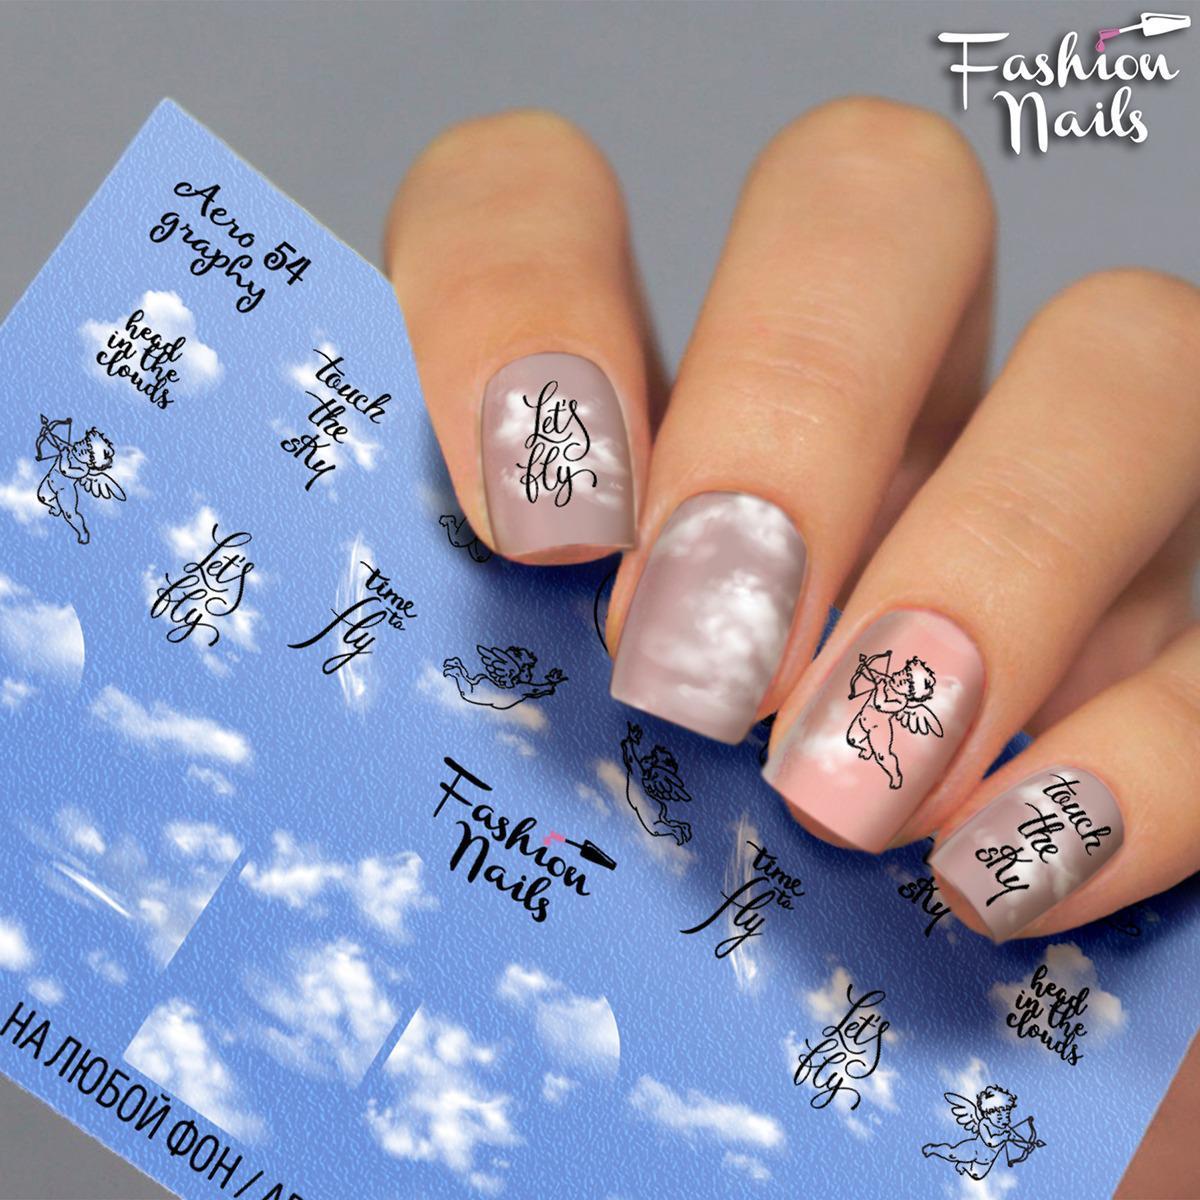 Наклейки для ногтей Ангелочки Небеса Надписи Fashion Nails ( Водный Слайдер дизайн для ногтей ) Aero54